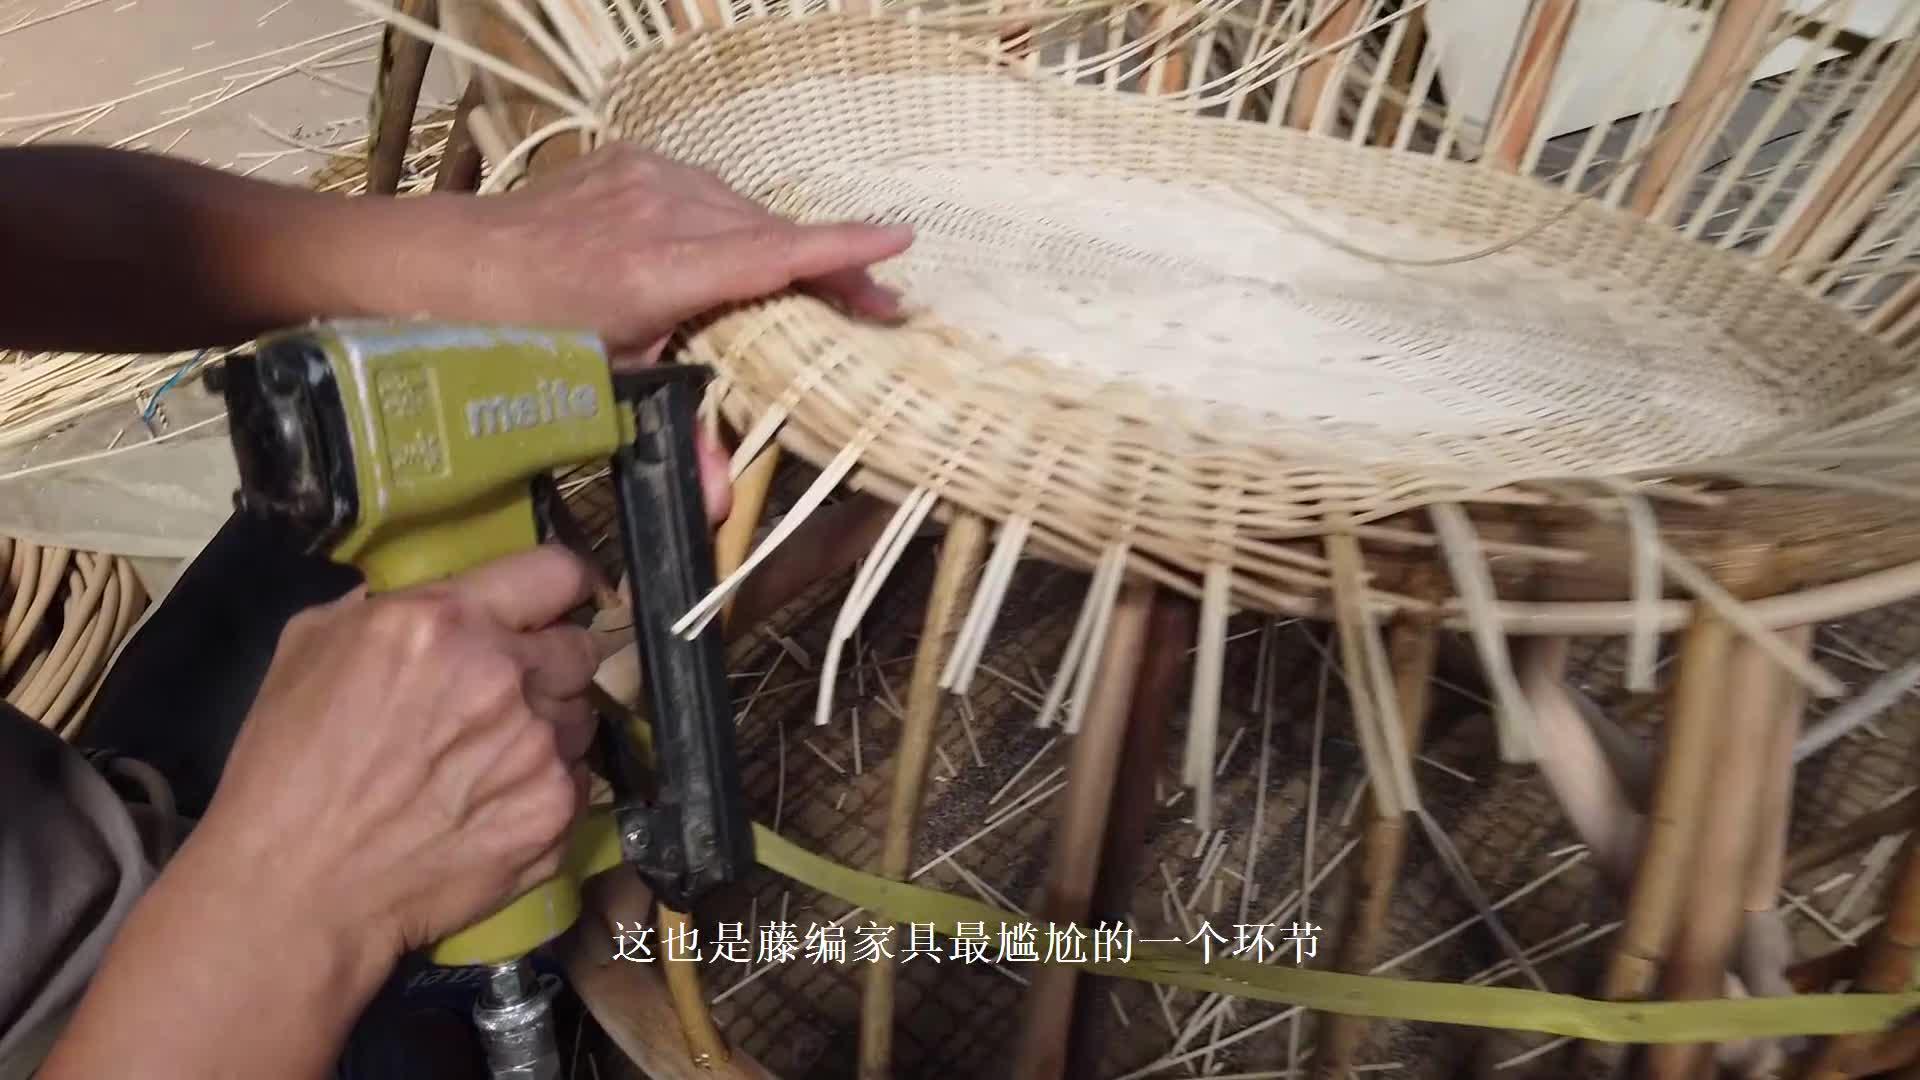 藤编家具用手工编织的精细,慢工出细活说的会不会就是它呢